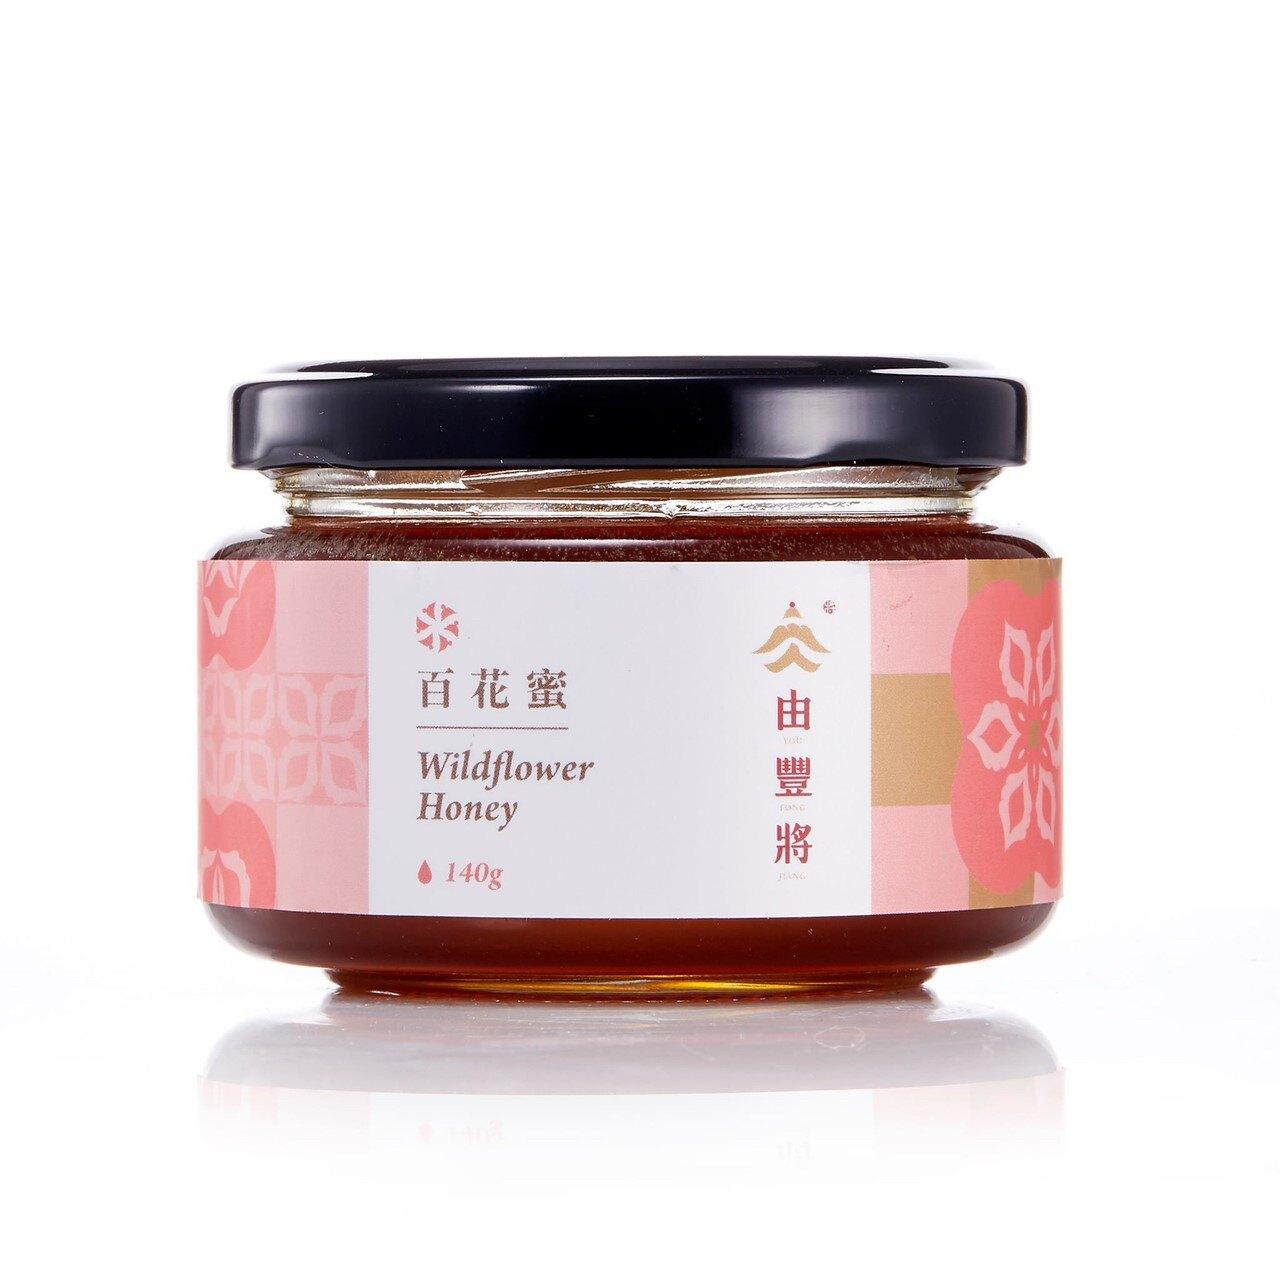 【由豐將】100%台灣蜂蜜-鳥啾啾花香香的百花蜜